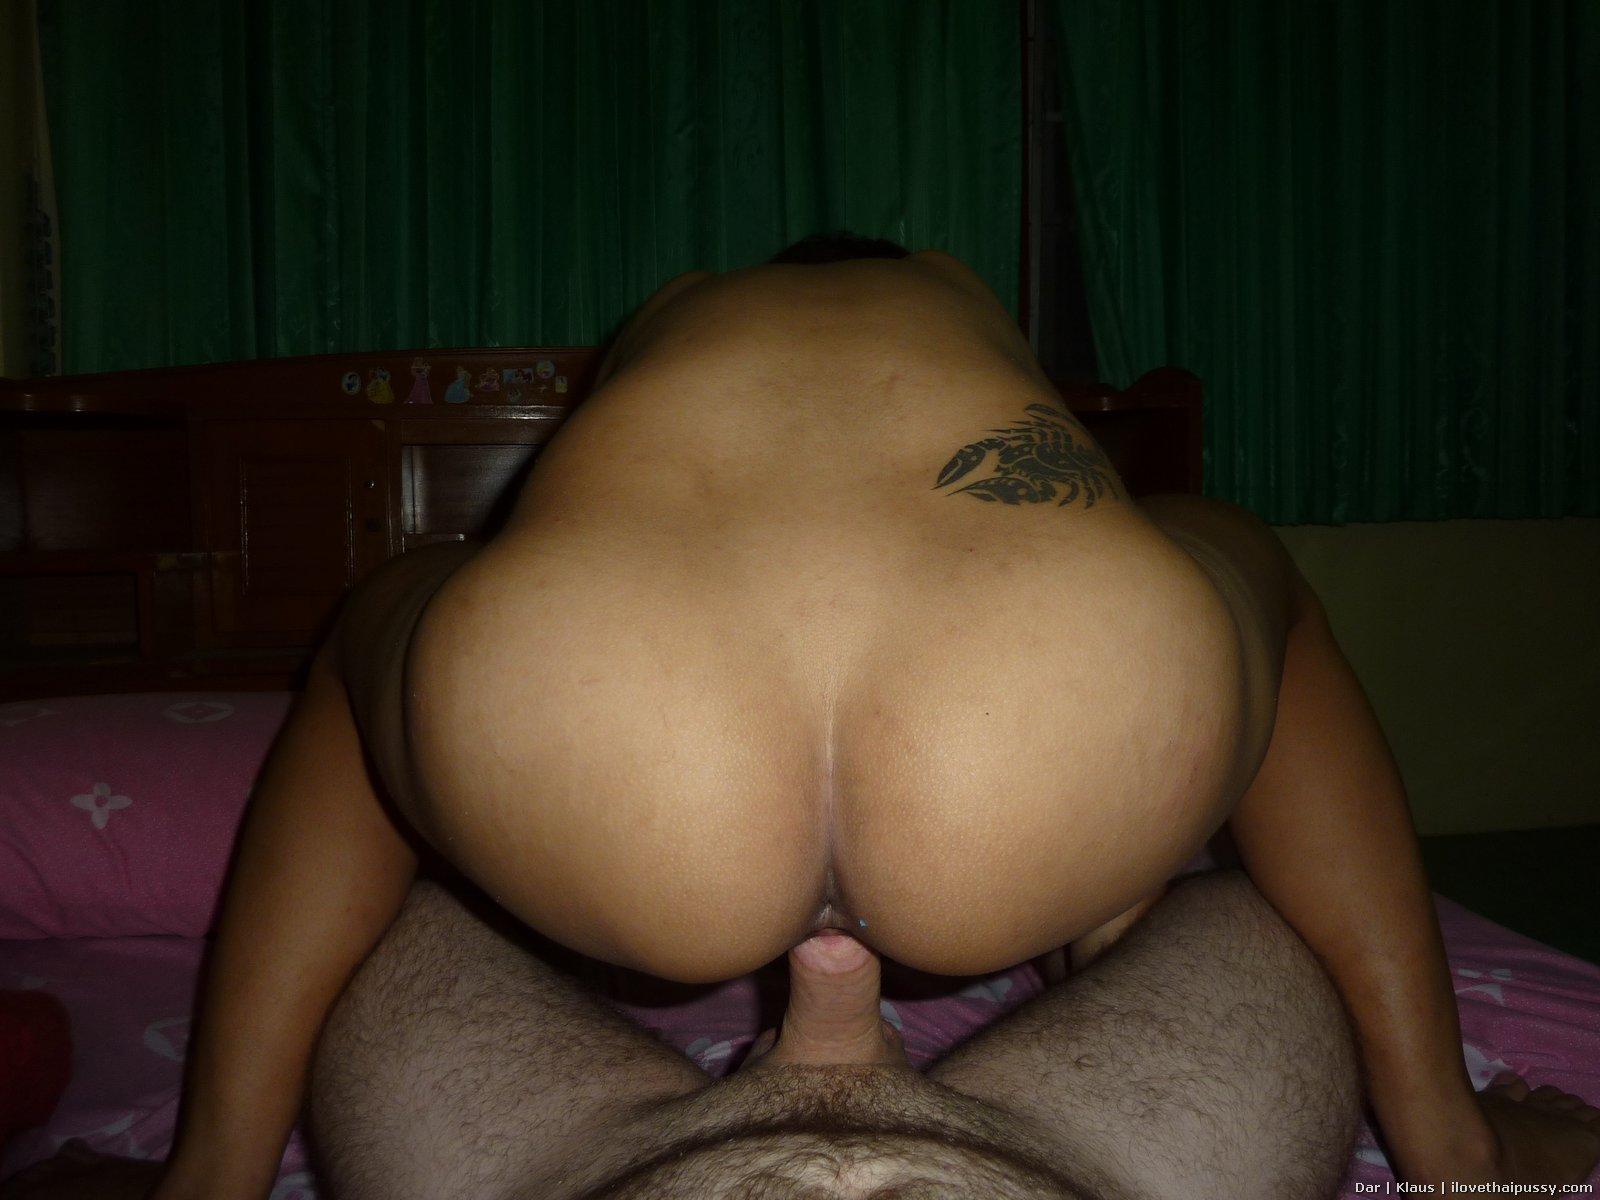 Shaved asian girls having sex